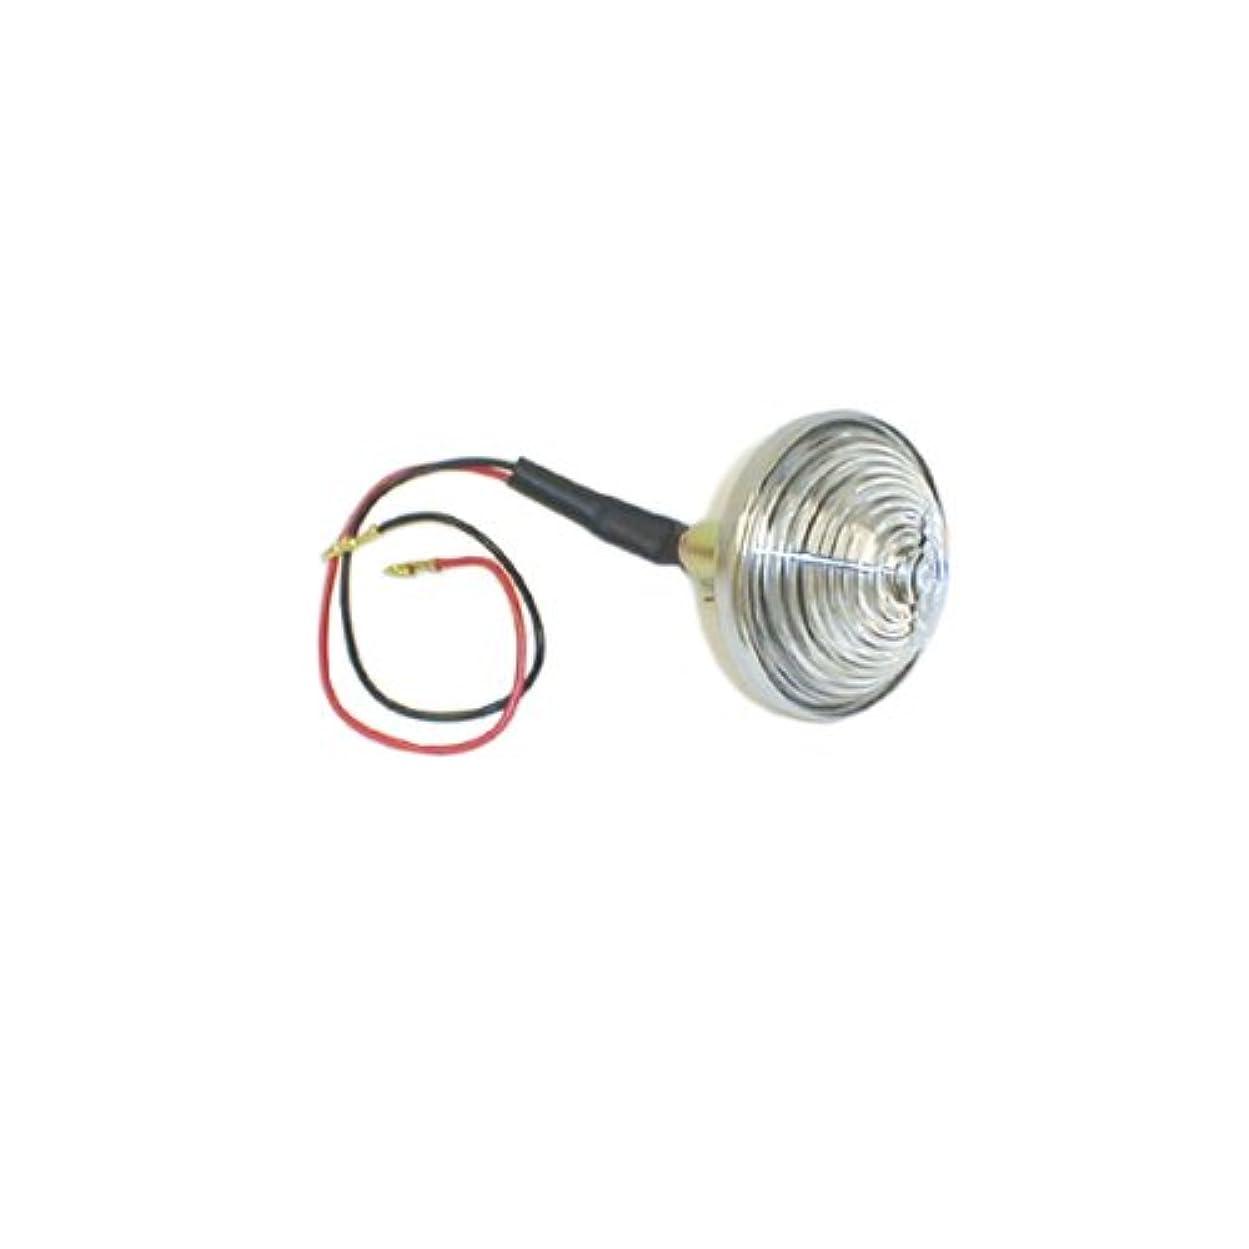 アコー間隔フラフープOmix-ADA 12405.02クリアパークランプアセンブリ、55-71ジープCJモデル